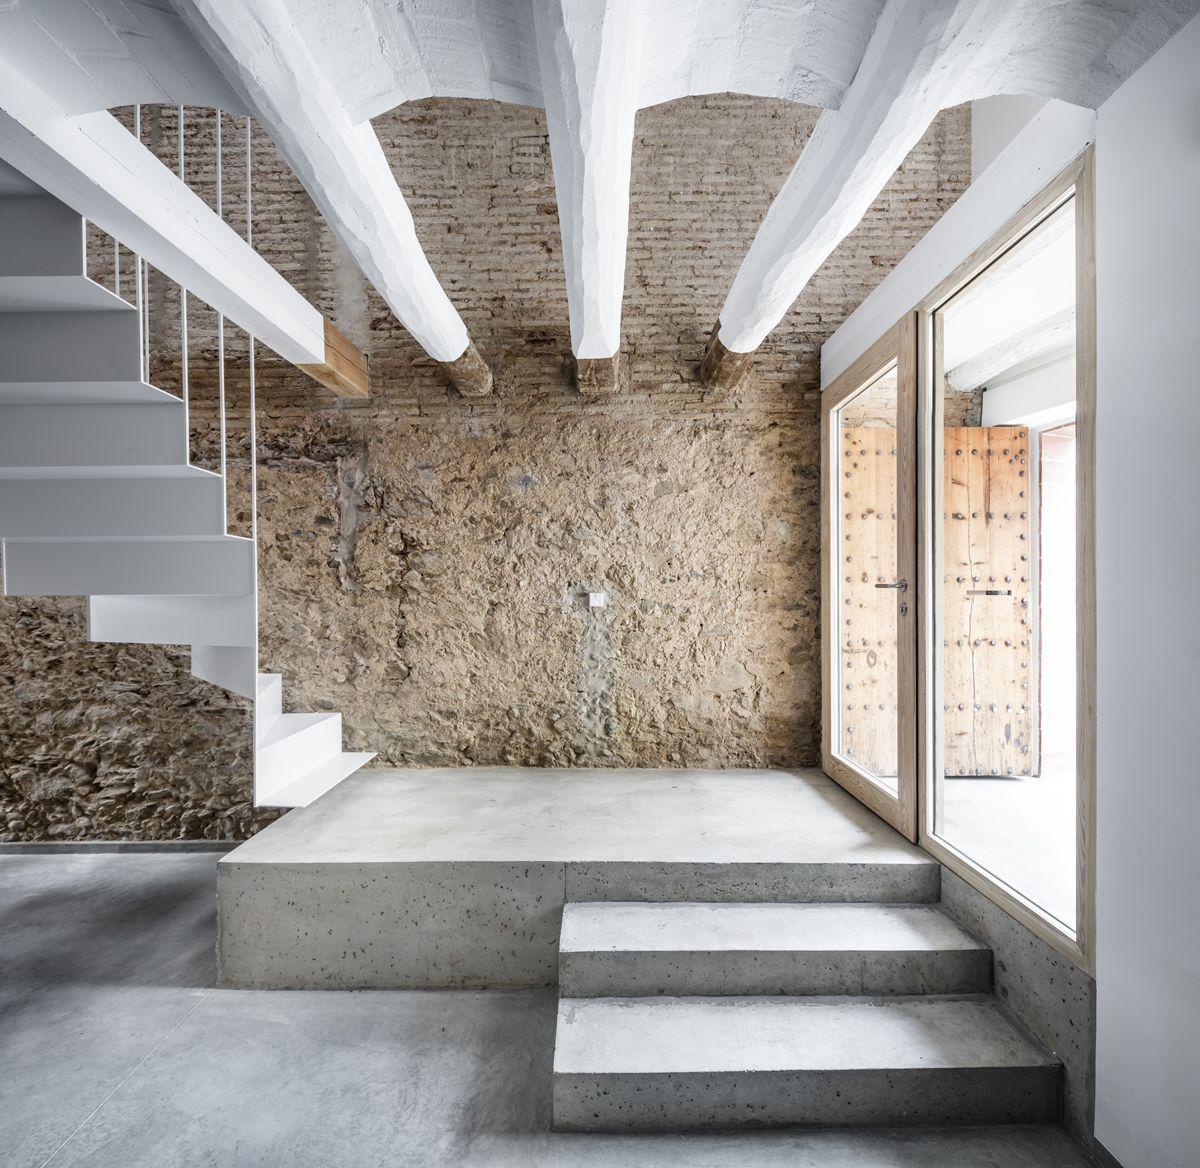 Rehabilitaci n de una casa entre medianeras en sant feliu for Fachadas de casas modernas entre medianeras